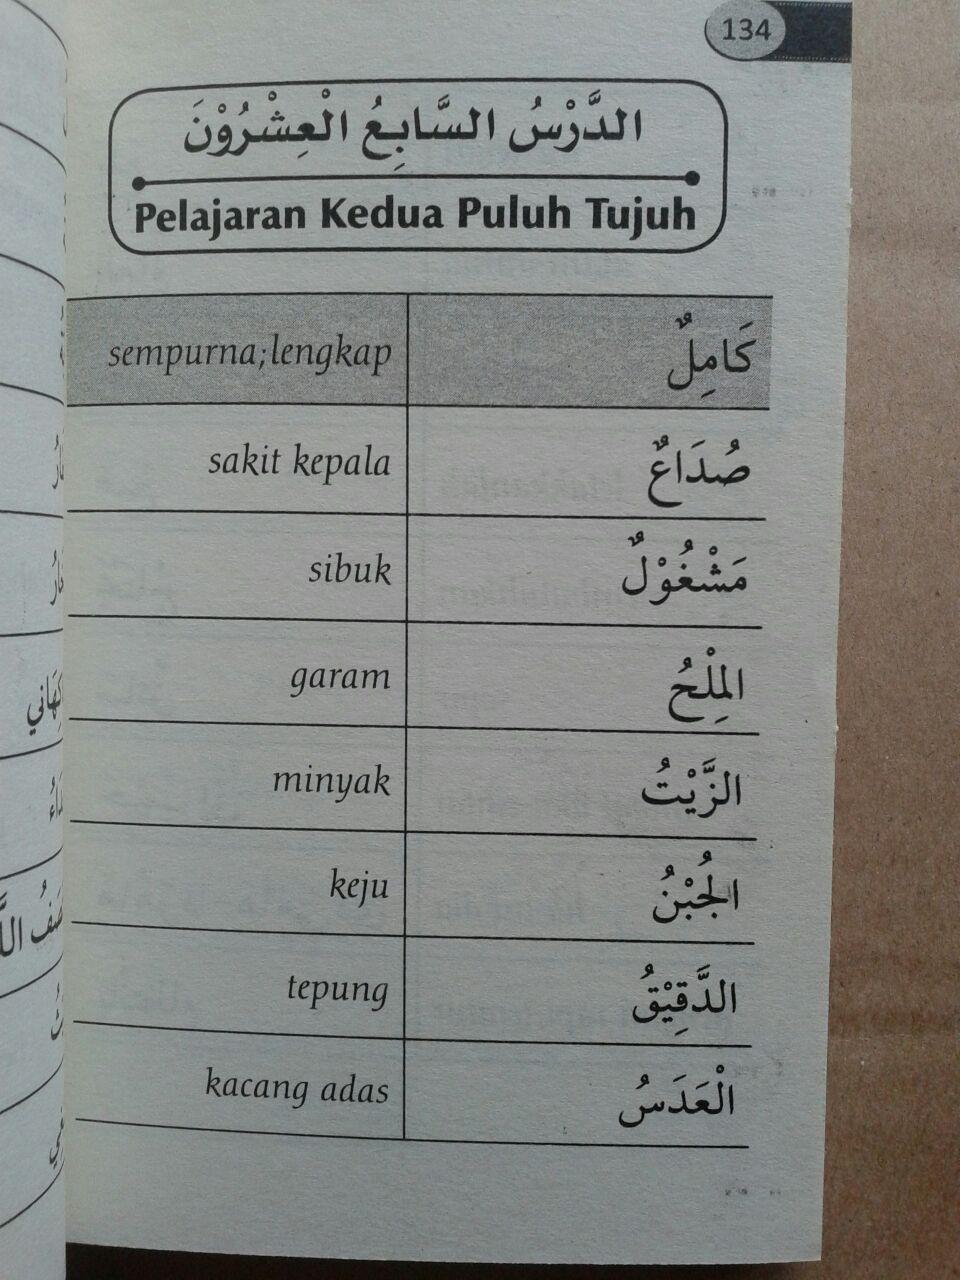 Buku Kamus Durusul Lughah isi